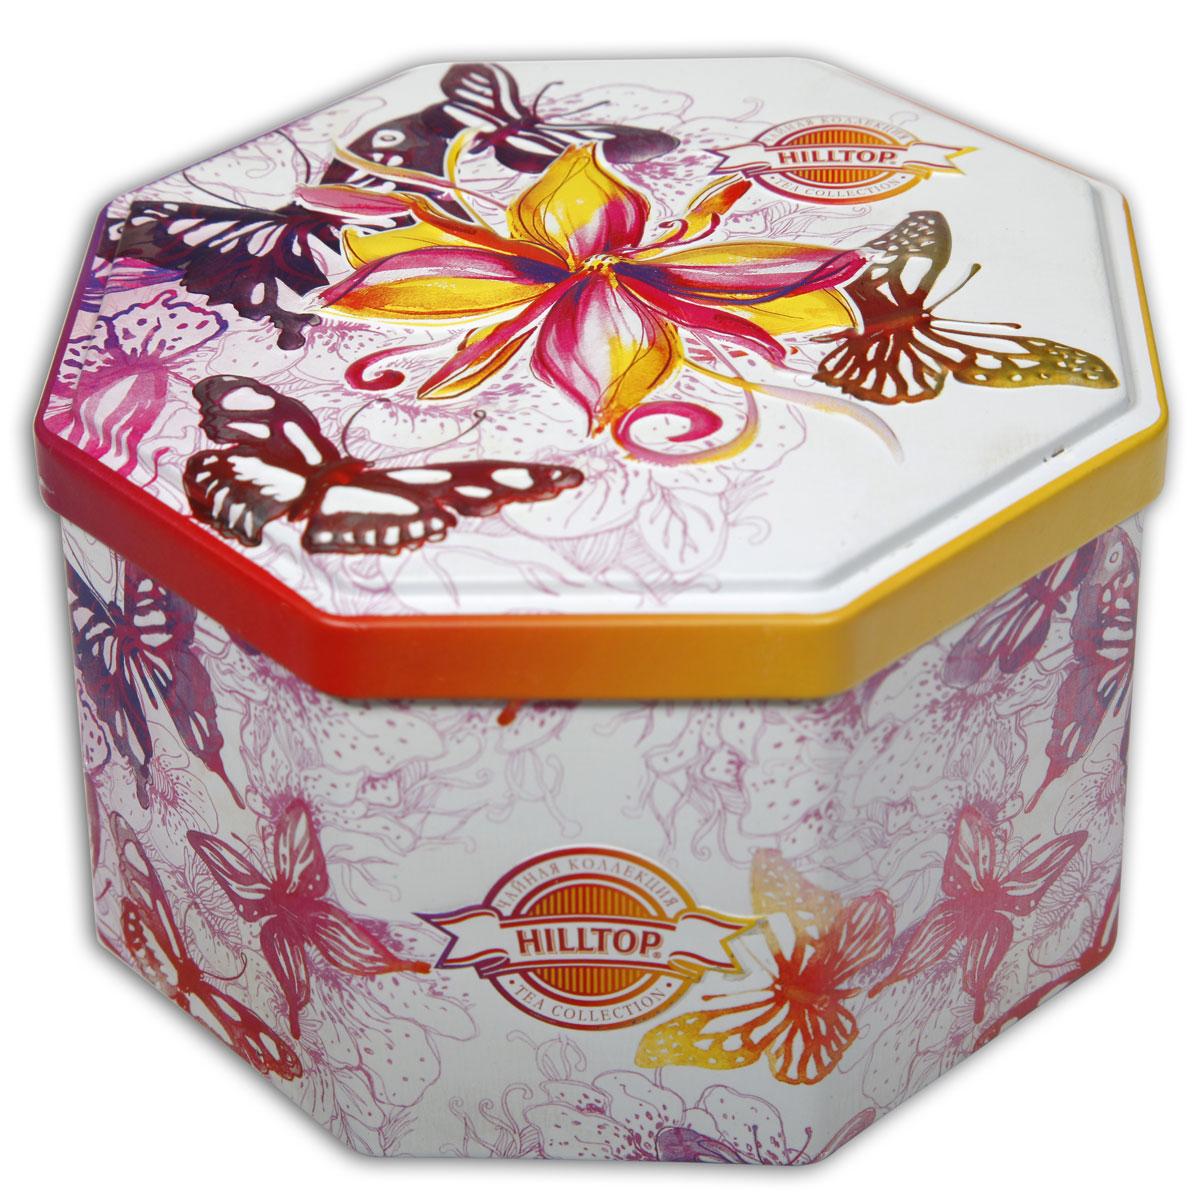 Hilltop Королевское золото черный листовой чай, 150 г4607099302549Hilltop Королевское золото - крупнолистовой терпкий черный чай стандарта Супер Пеко с лучших плантаций острова Цейлон.